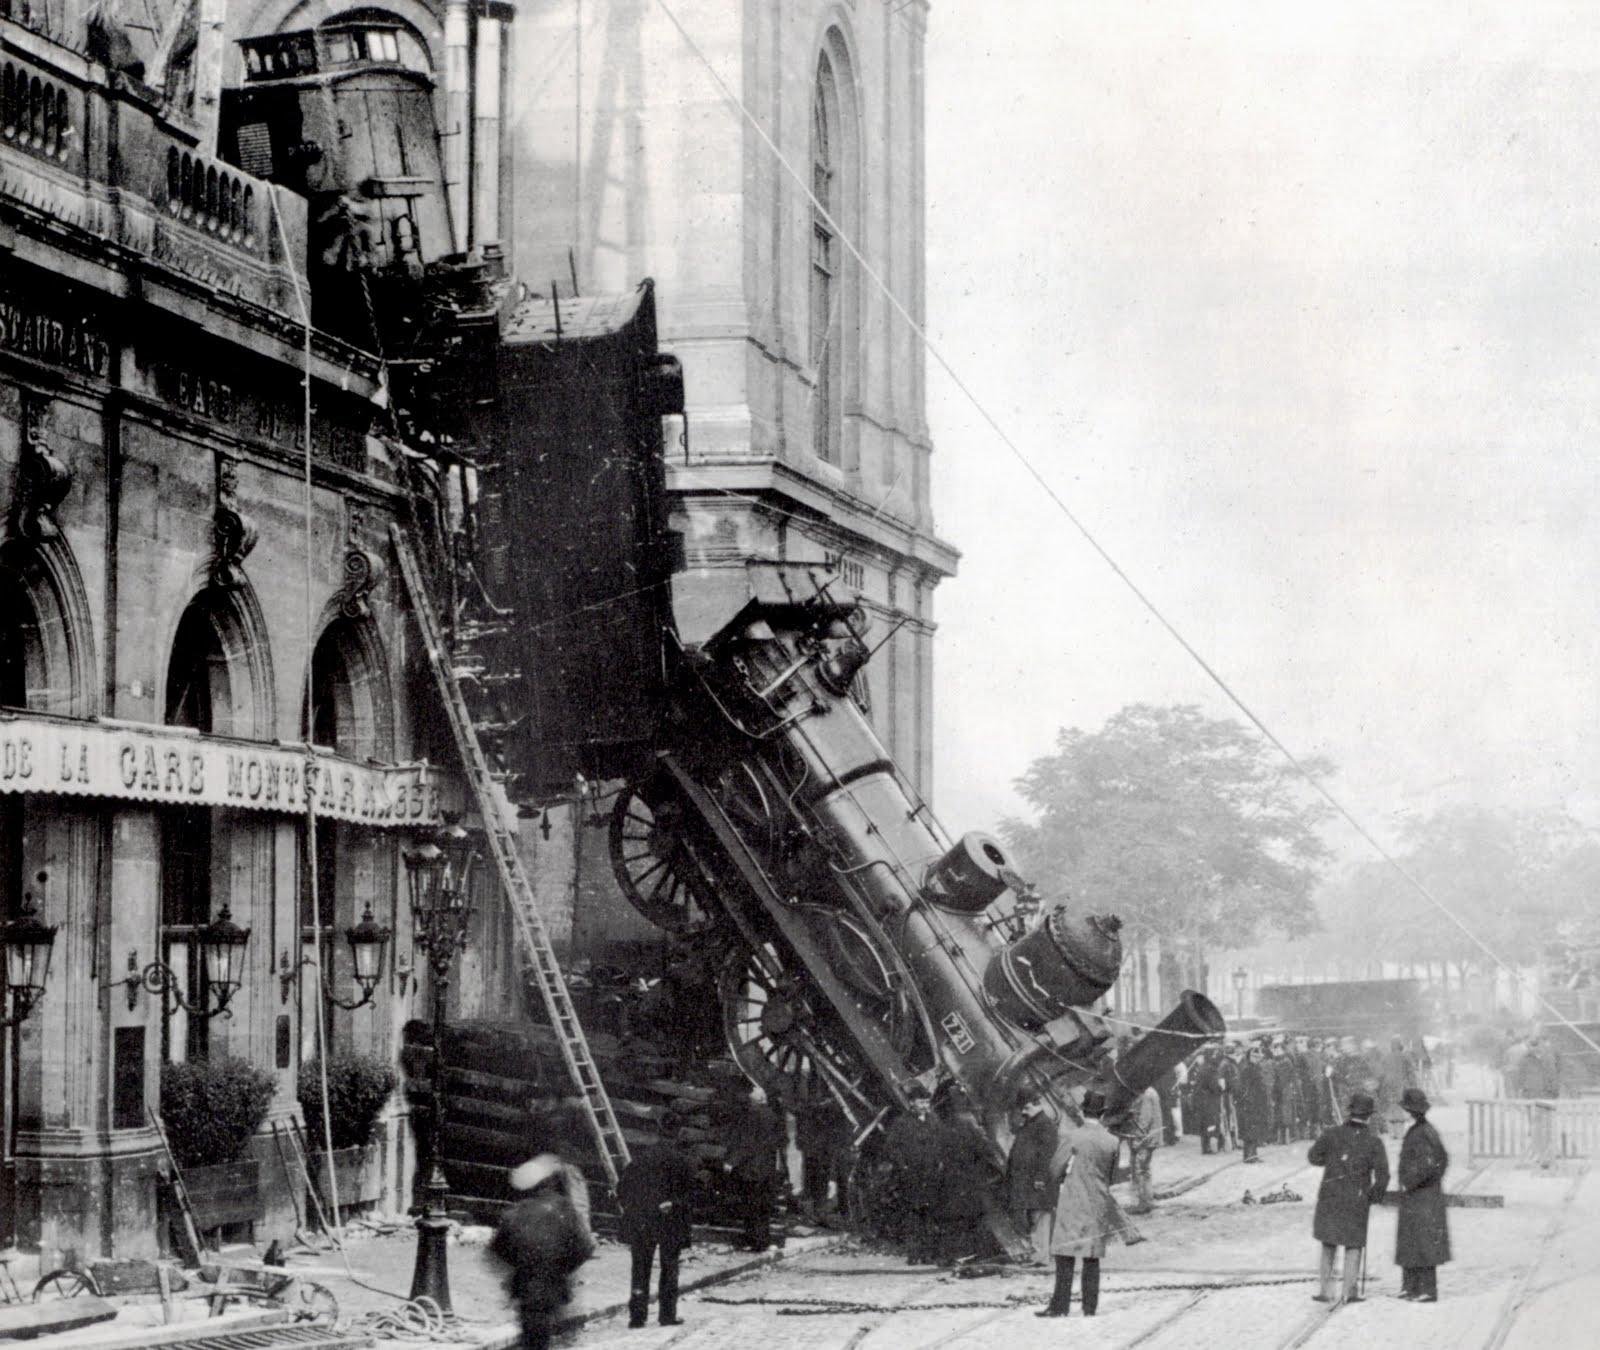 historical-photos-pt4-train-derail